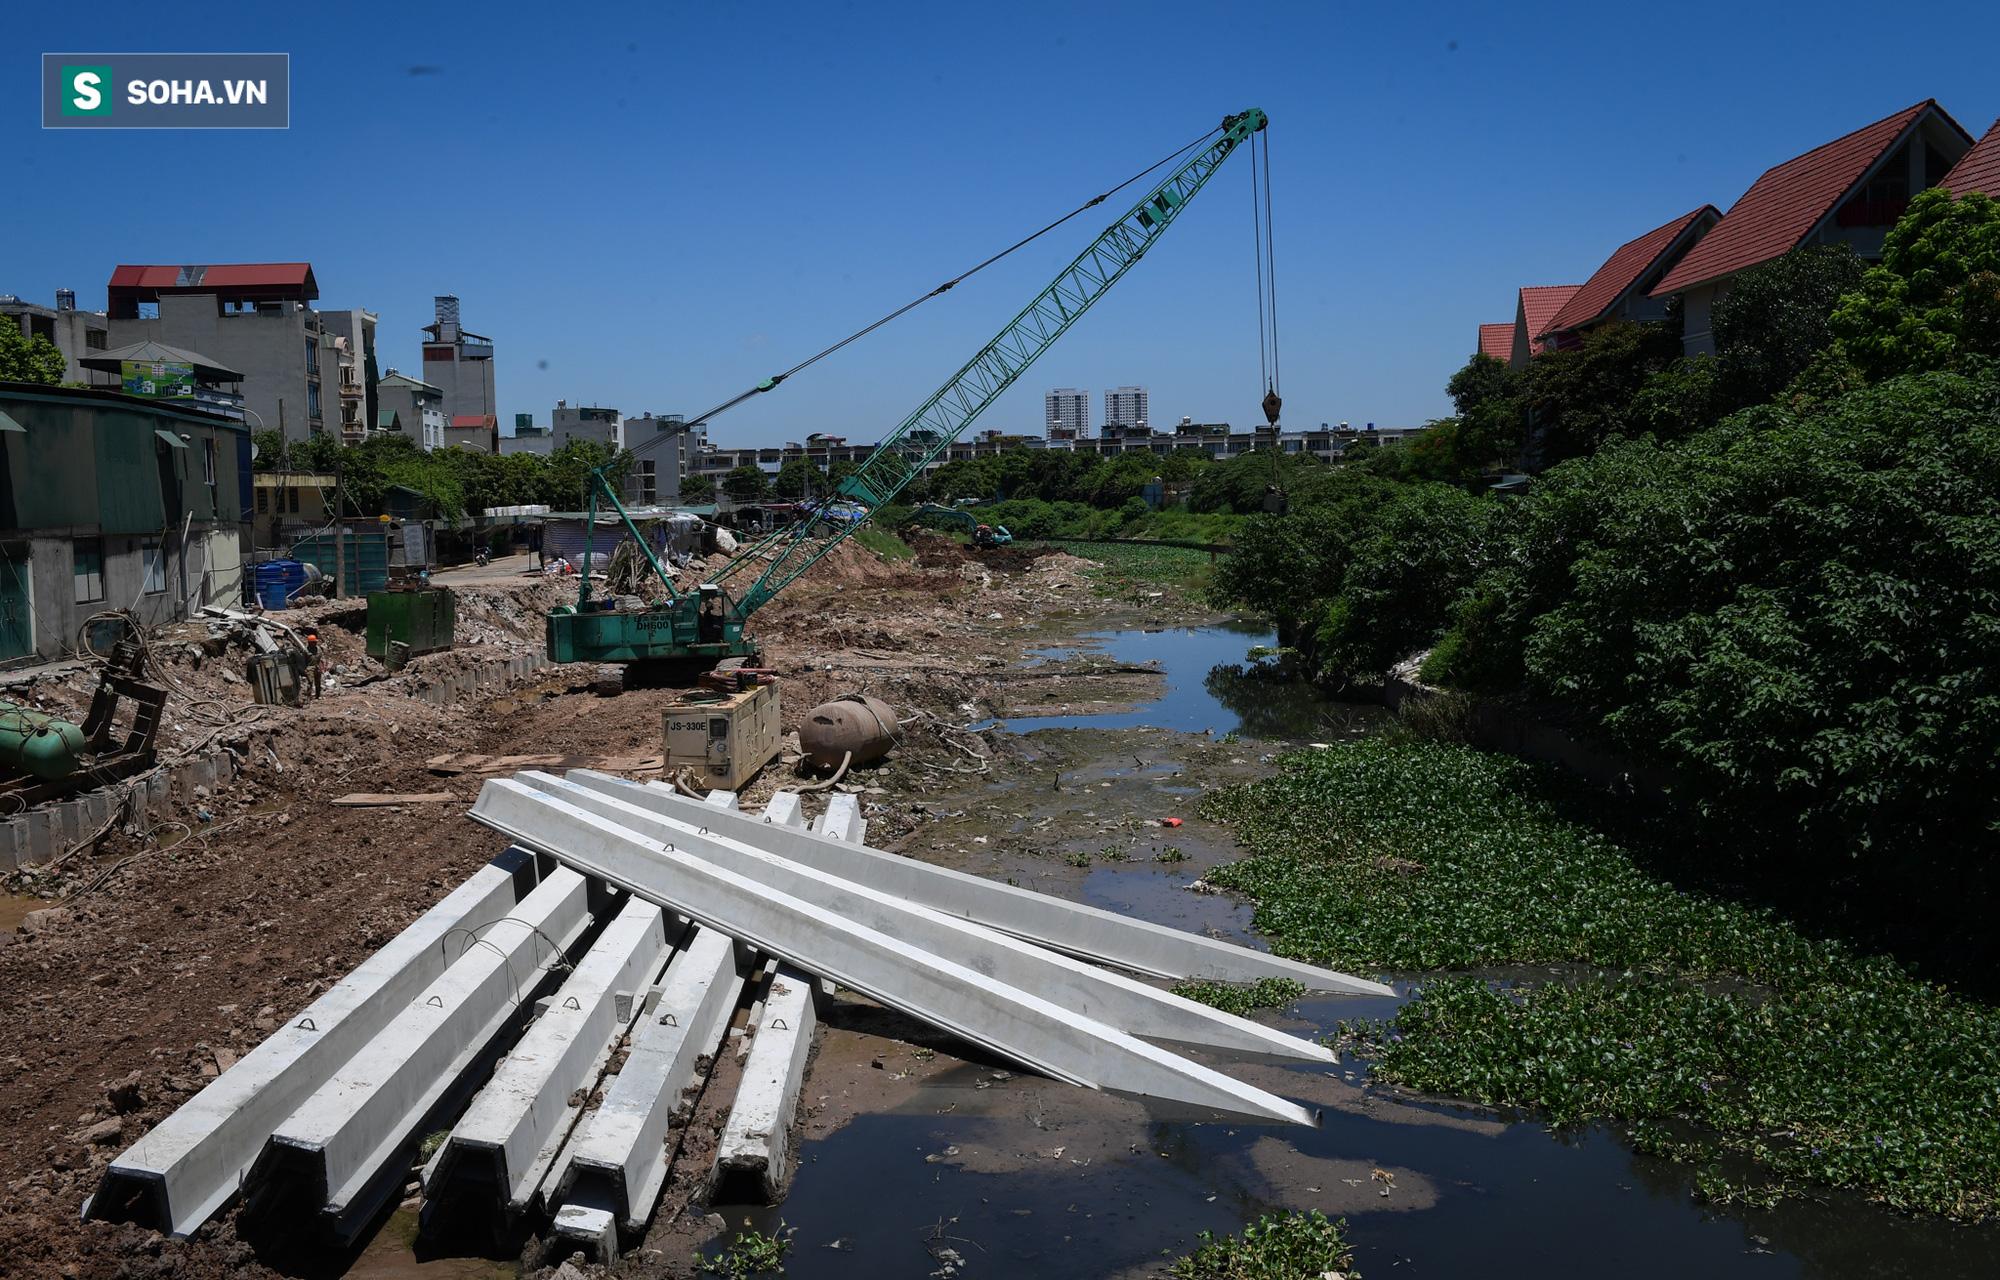 Đại dự án 7.000 tỷ đồng chống ngập cho 6 quận huyện phía Tây TP Hà Nội chậm tiến độ, ngập ngụa trong rác - Ảnh 9.